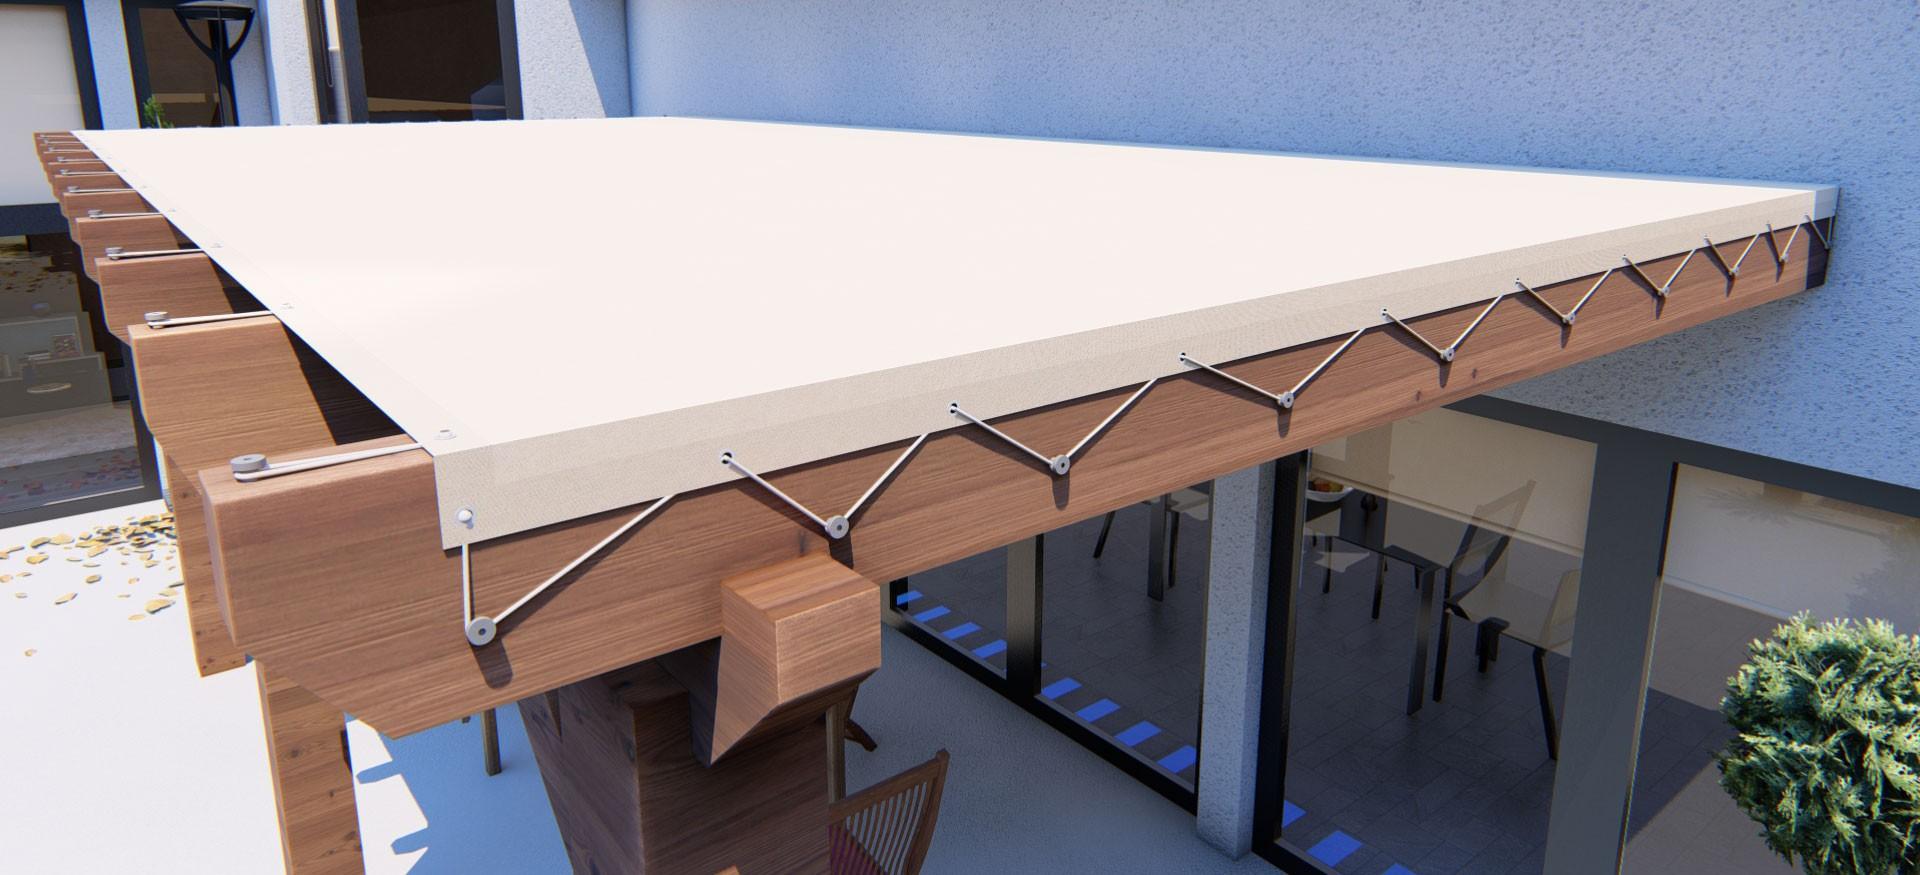 Configurateur de toile sur mesure pour pergola bois